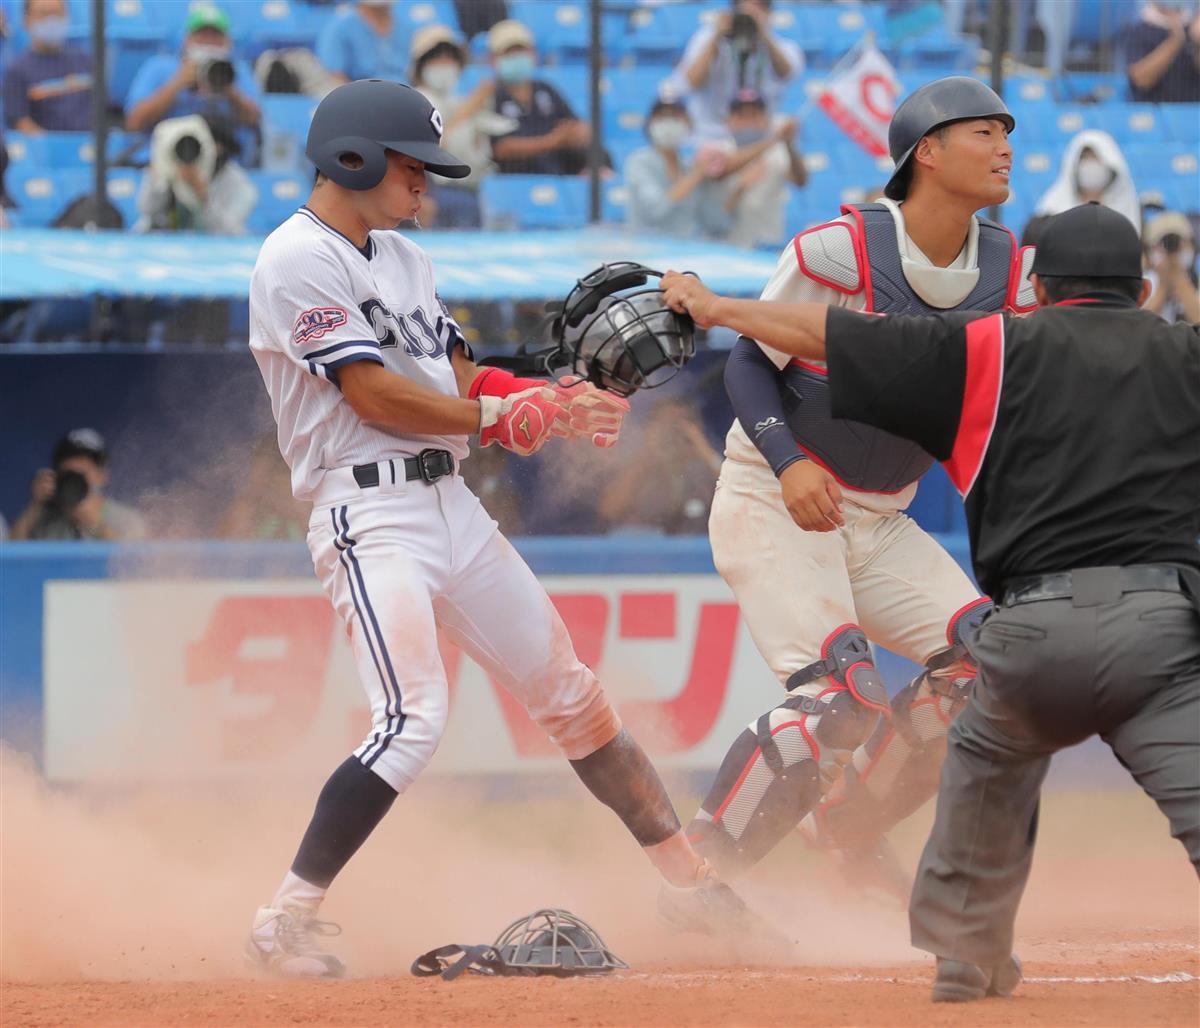 中大、立正大など勝つ 東都大学野球リーグ開幕